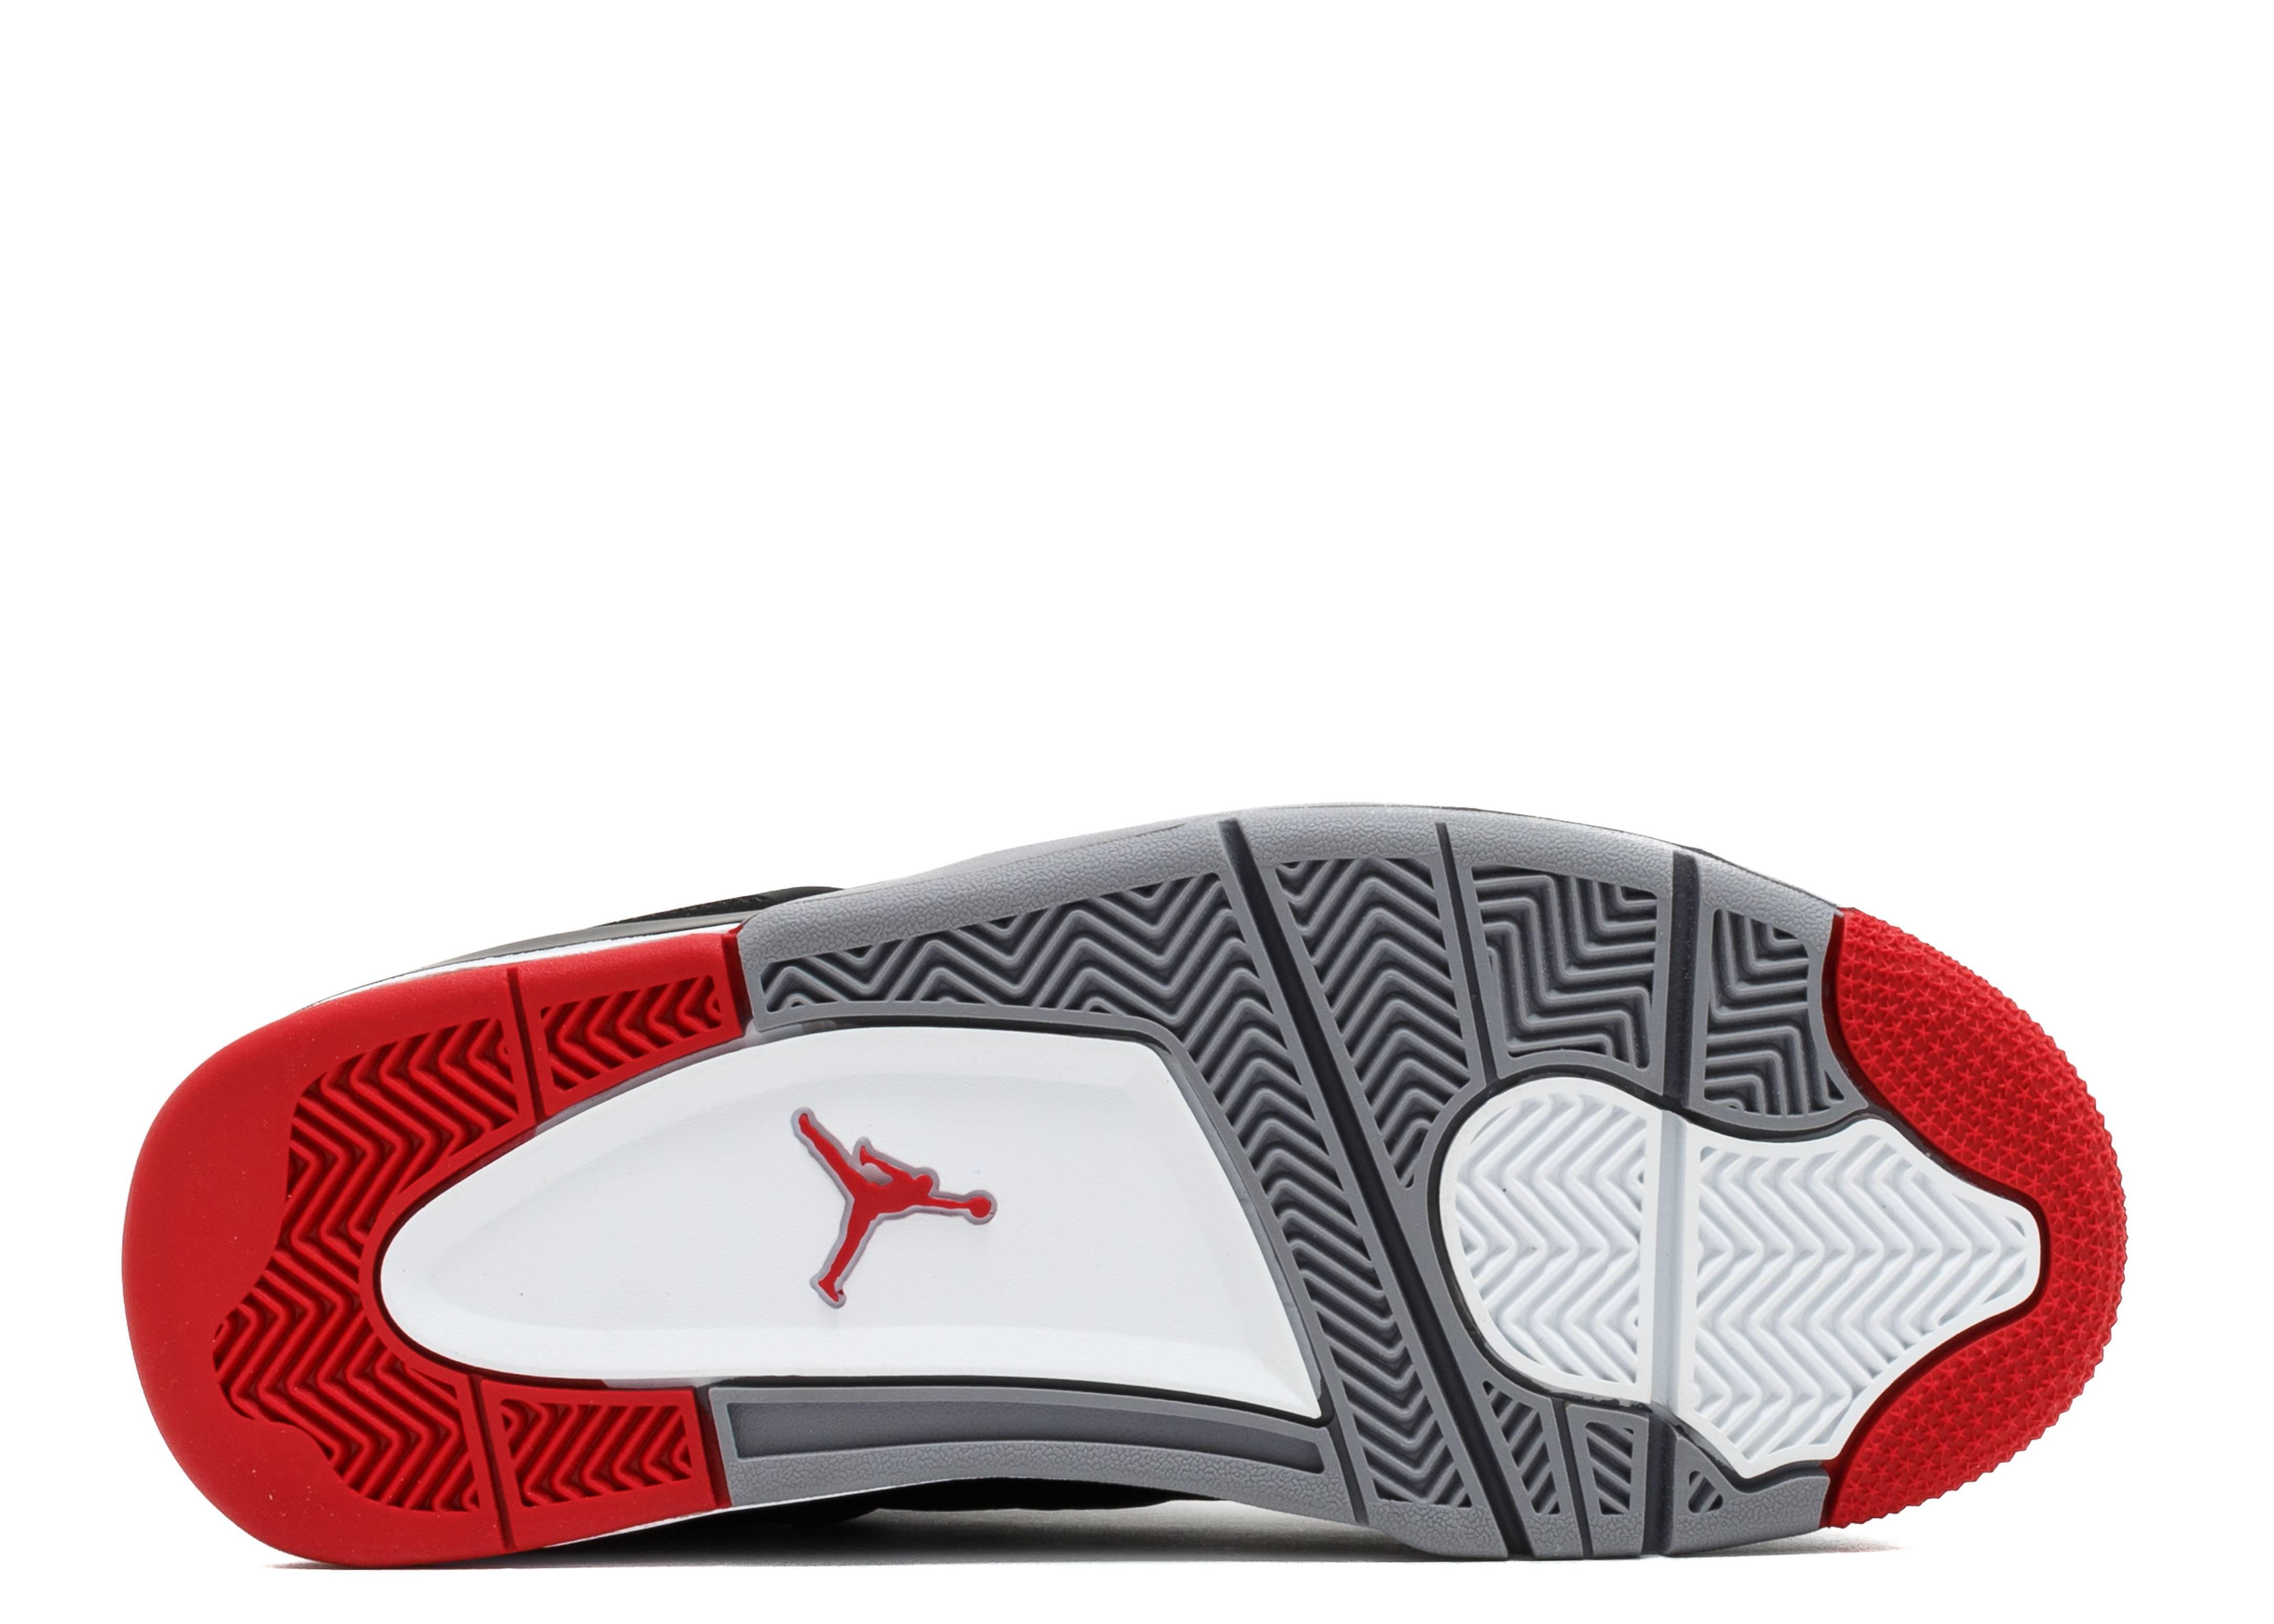 aa4edc06179 Air Jordan 4 Retro